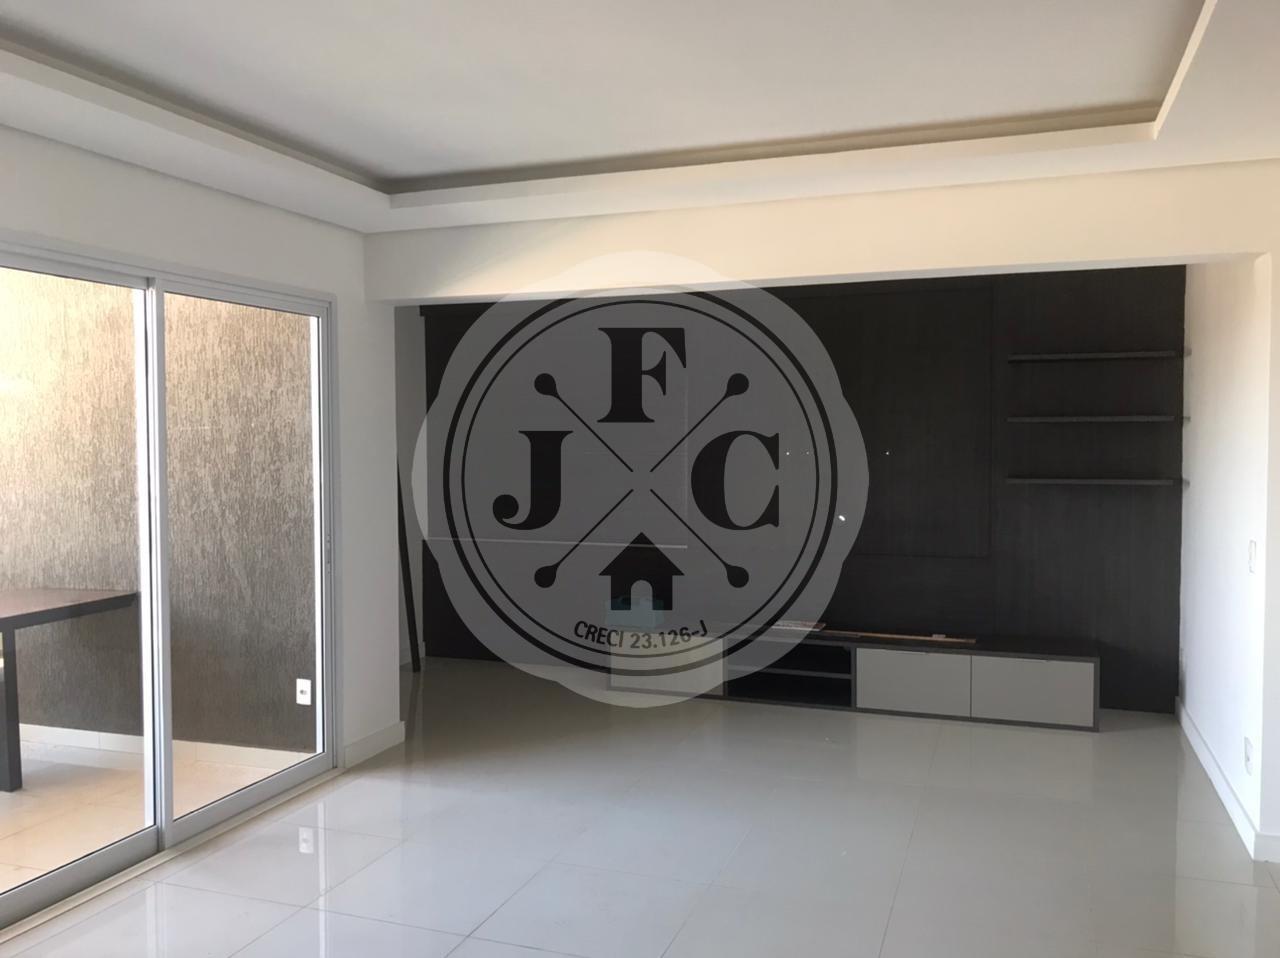 Apartamento Cobertura para aluguel, 2 quartos, 2 suítes, 2 vagas, Condomínio Itamaraty - Ribeirão Preto/SP